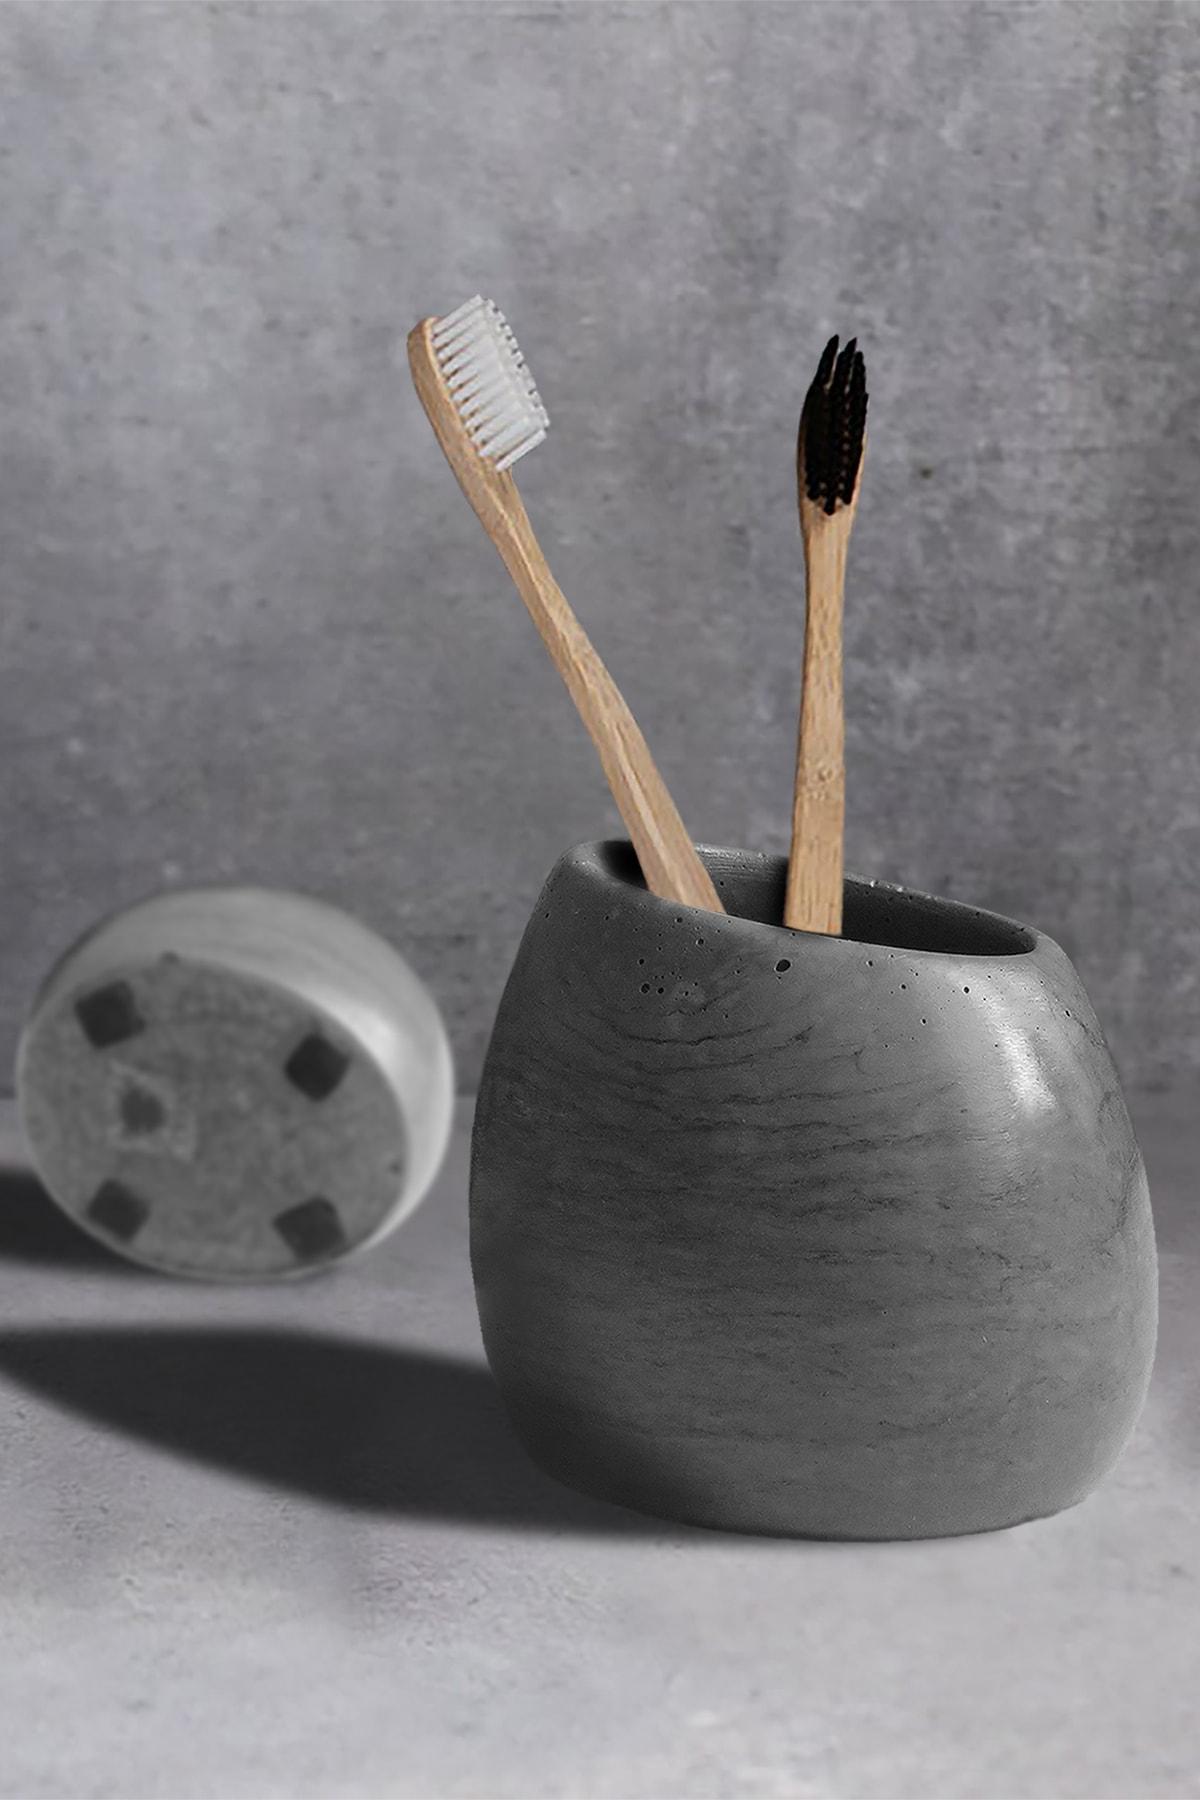 Ghogol Home Eliptik Diş Fırçalık - Koyu Gri Renkli Beton 1